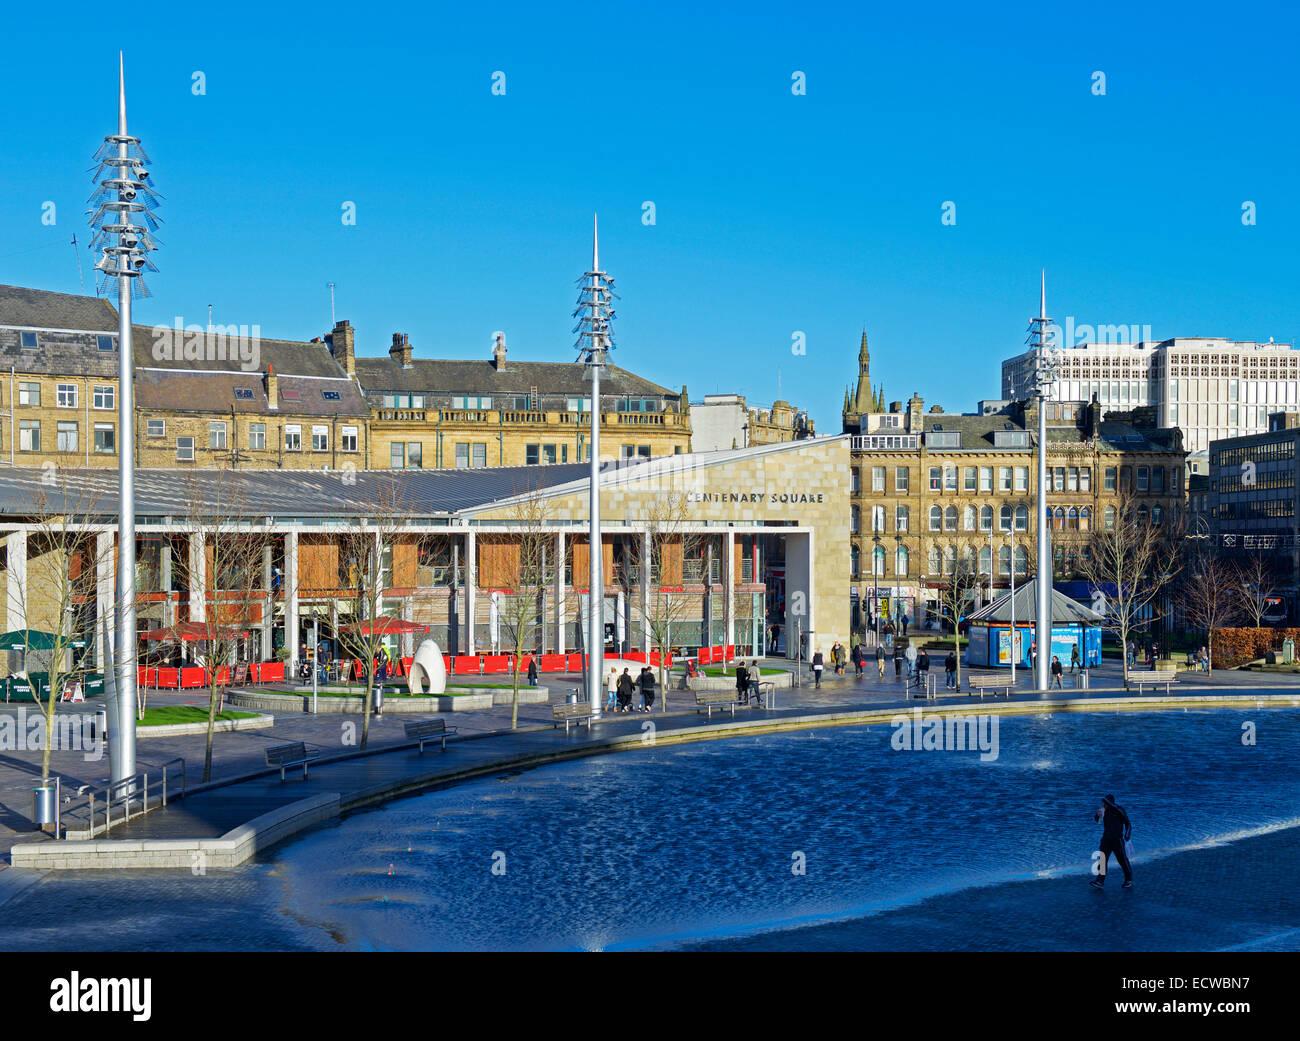 Centenary Square, Bradford, West Yorkshire, England UK - Stock Image